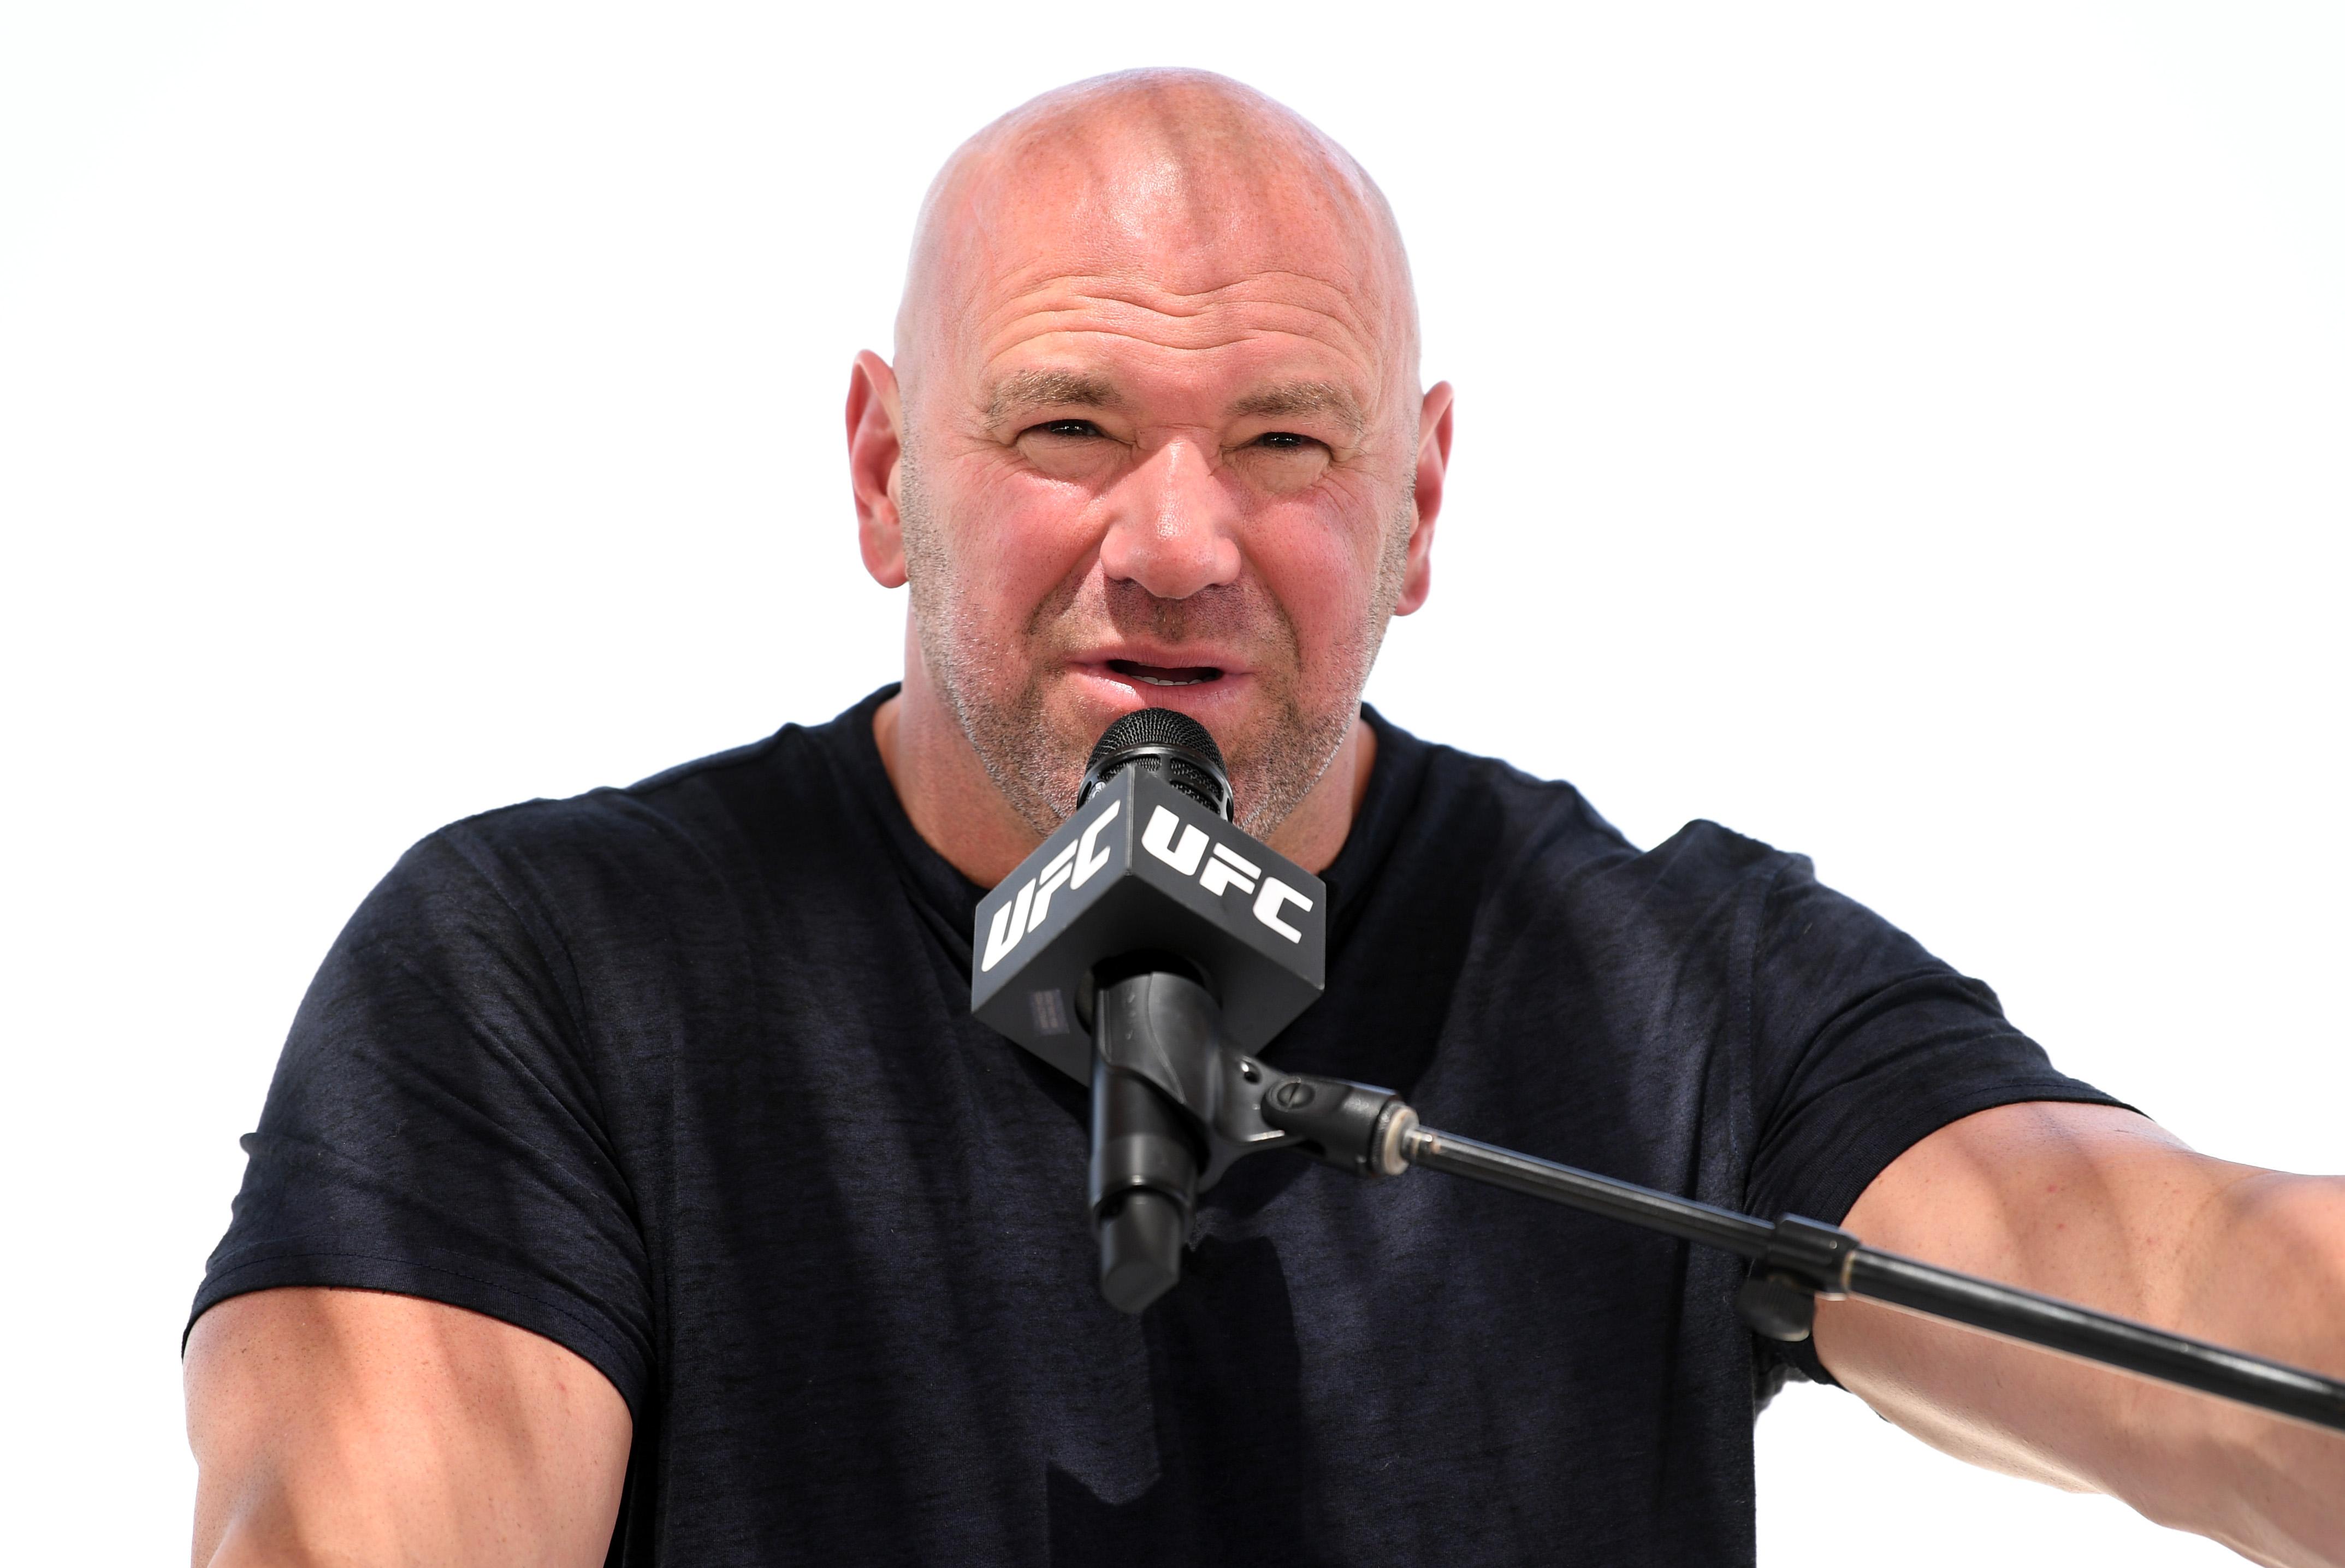 Dana White in 2020